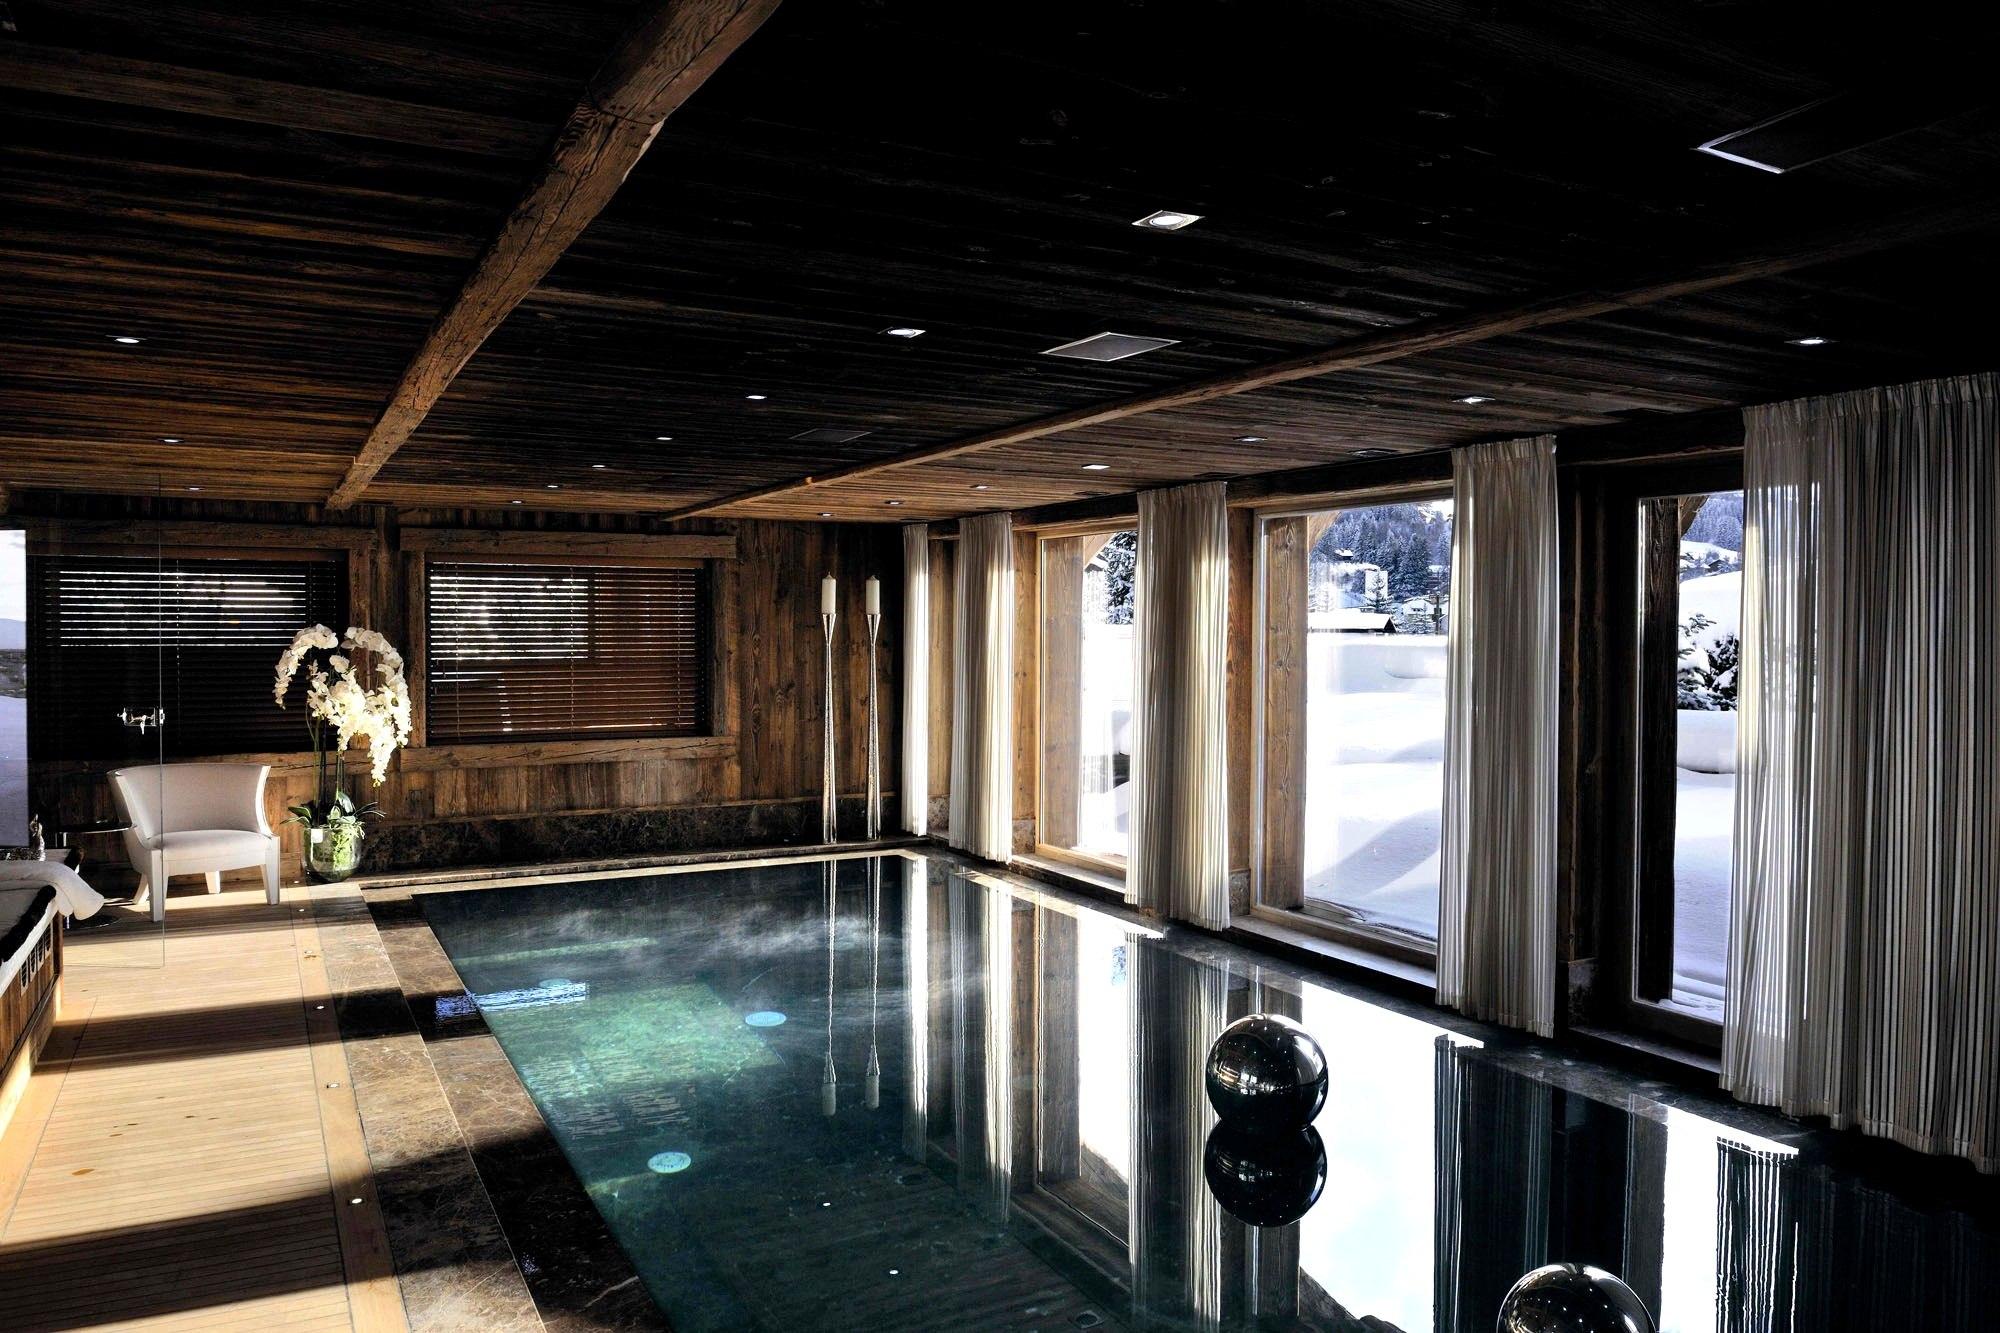 piscine vieux bois